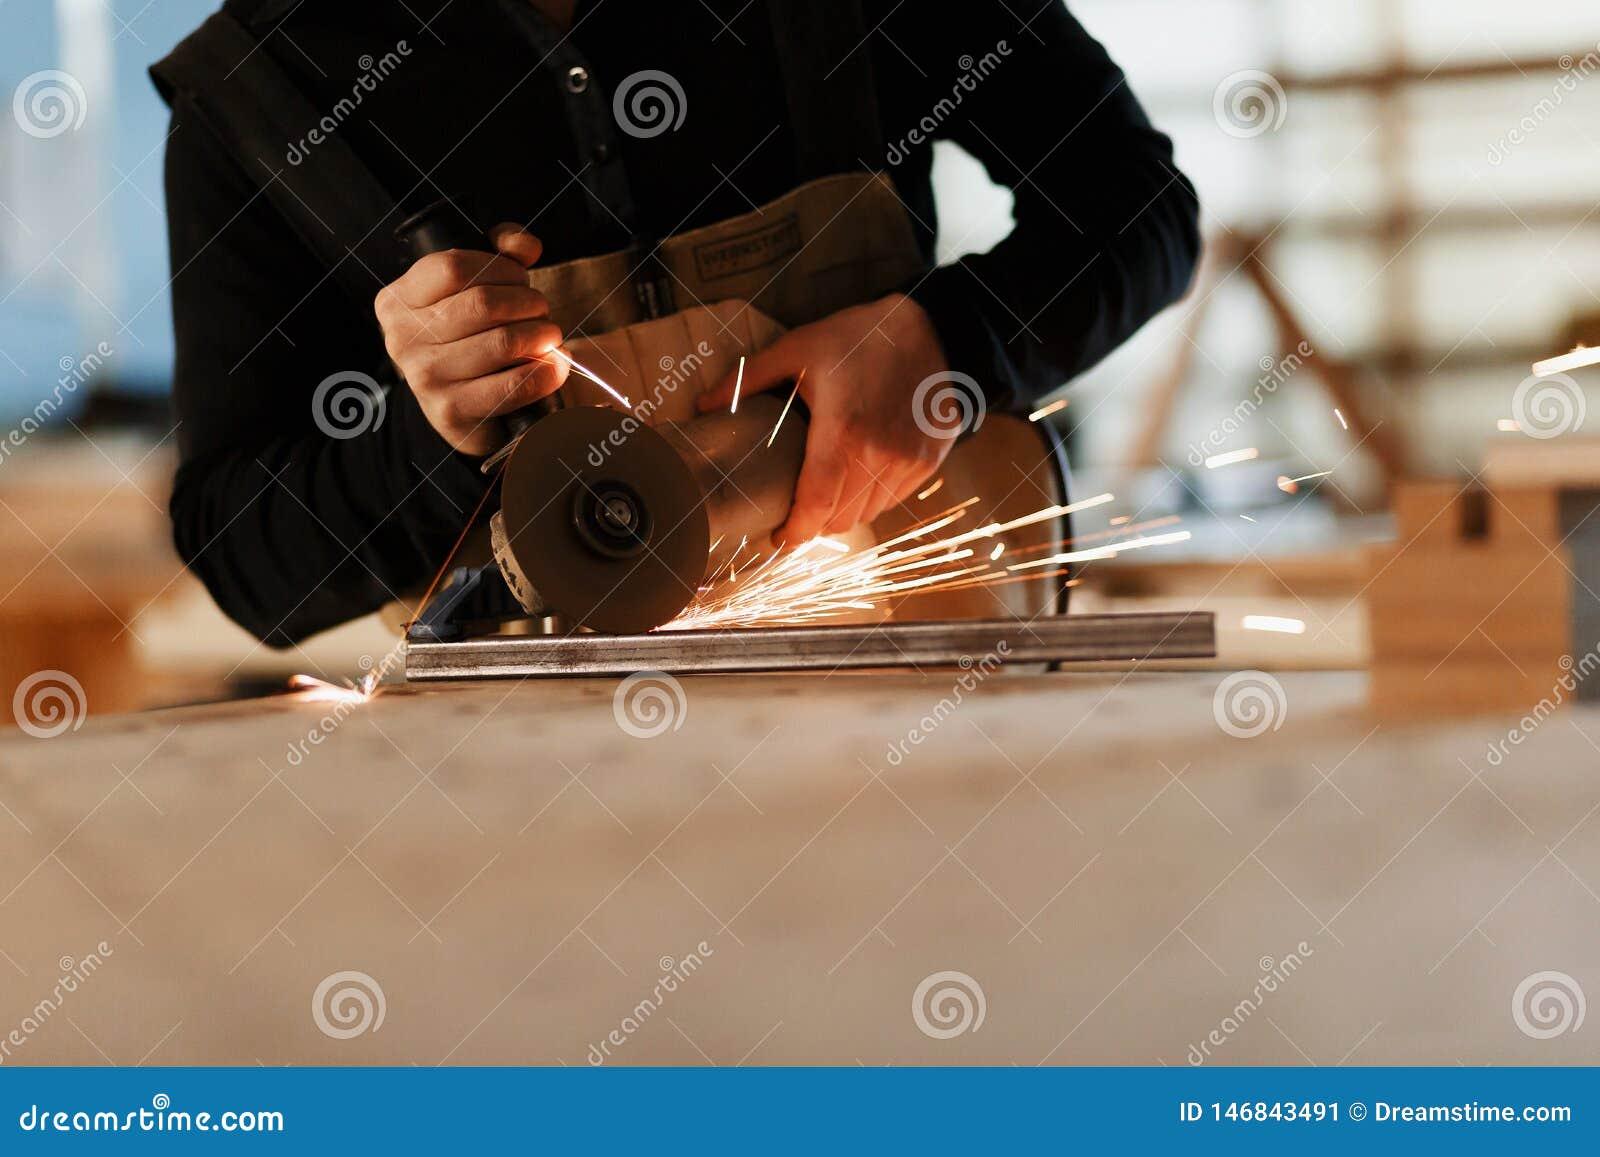 Инструментальный металл промышленного работника с много острых искр Фокус выбора к автомату для резки Copyspace